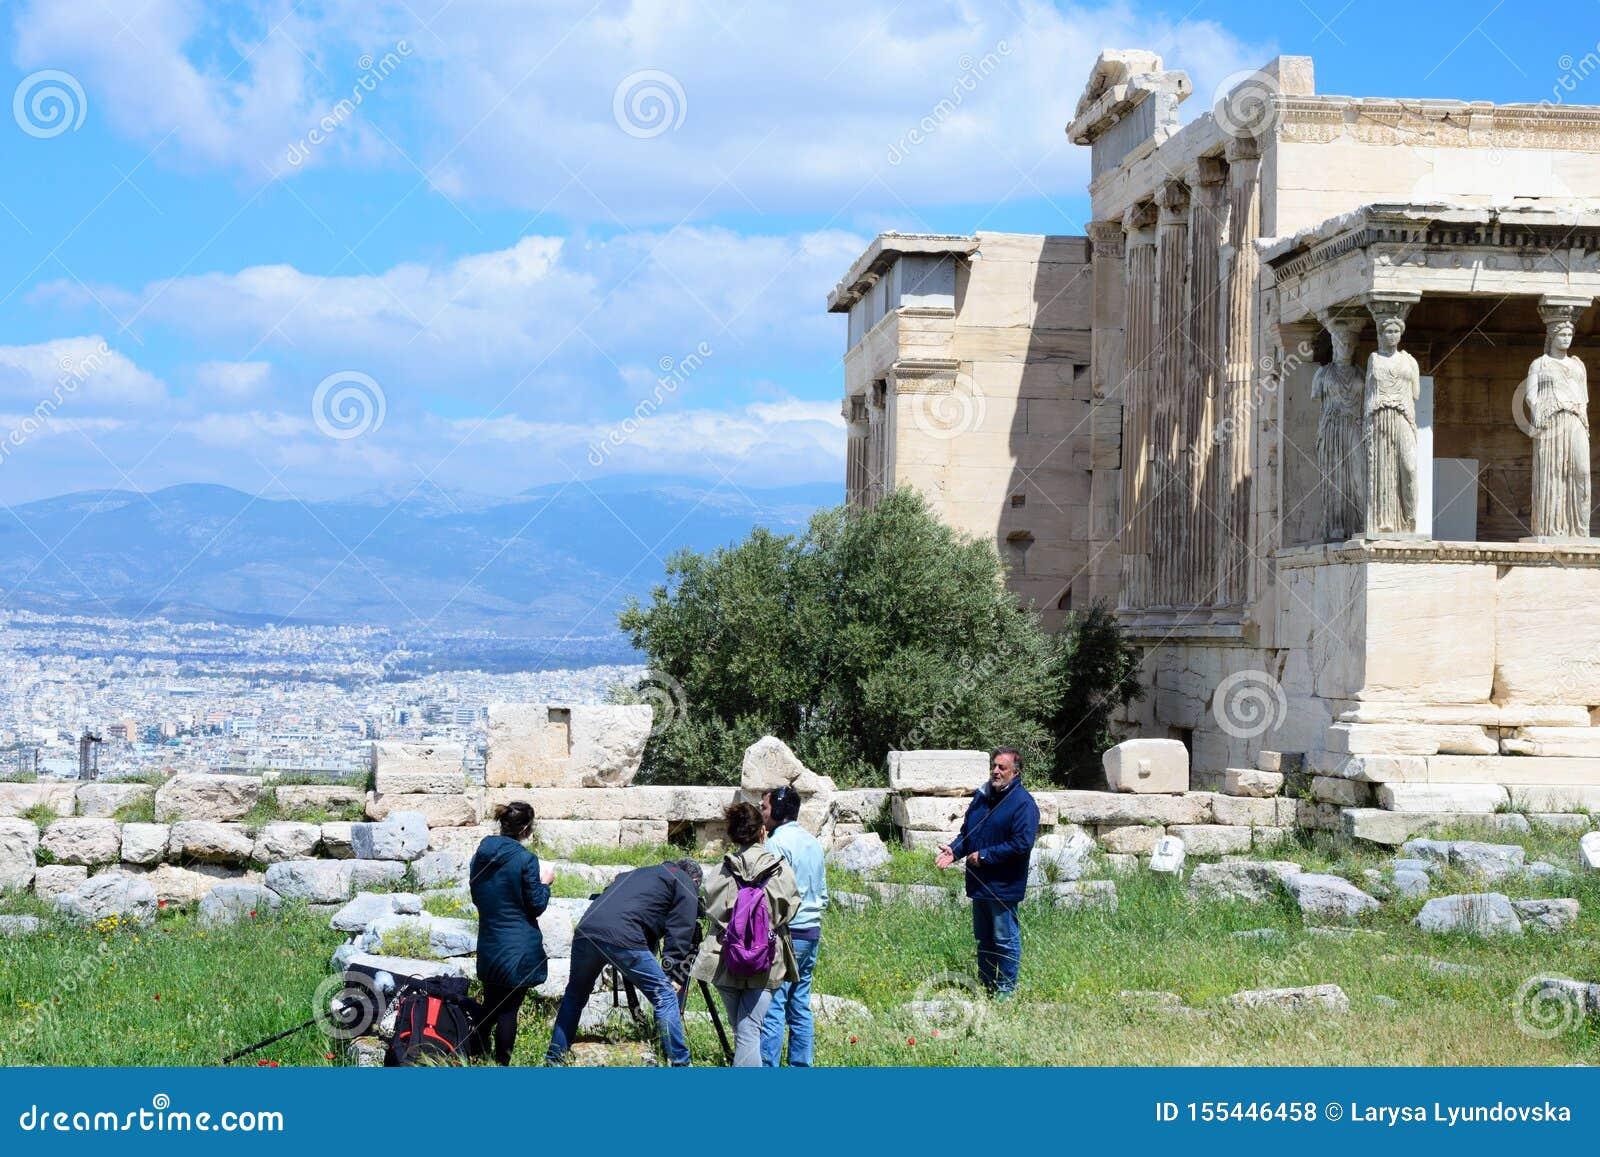 Самый старый висок на акрополе, построенном в честь божественного patroness города - Hekatompedon athene